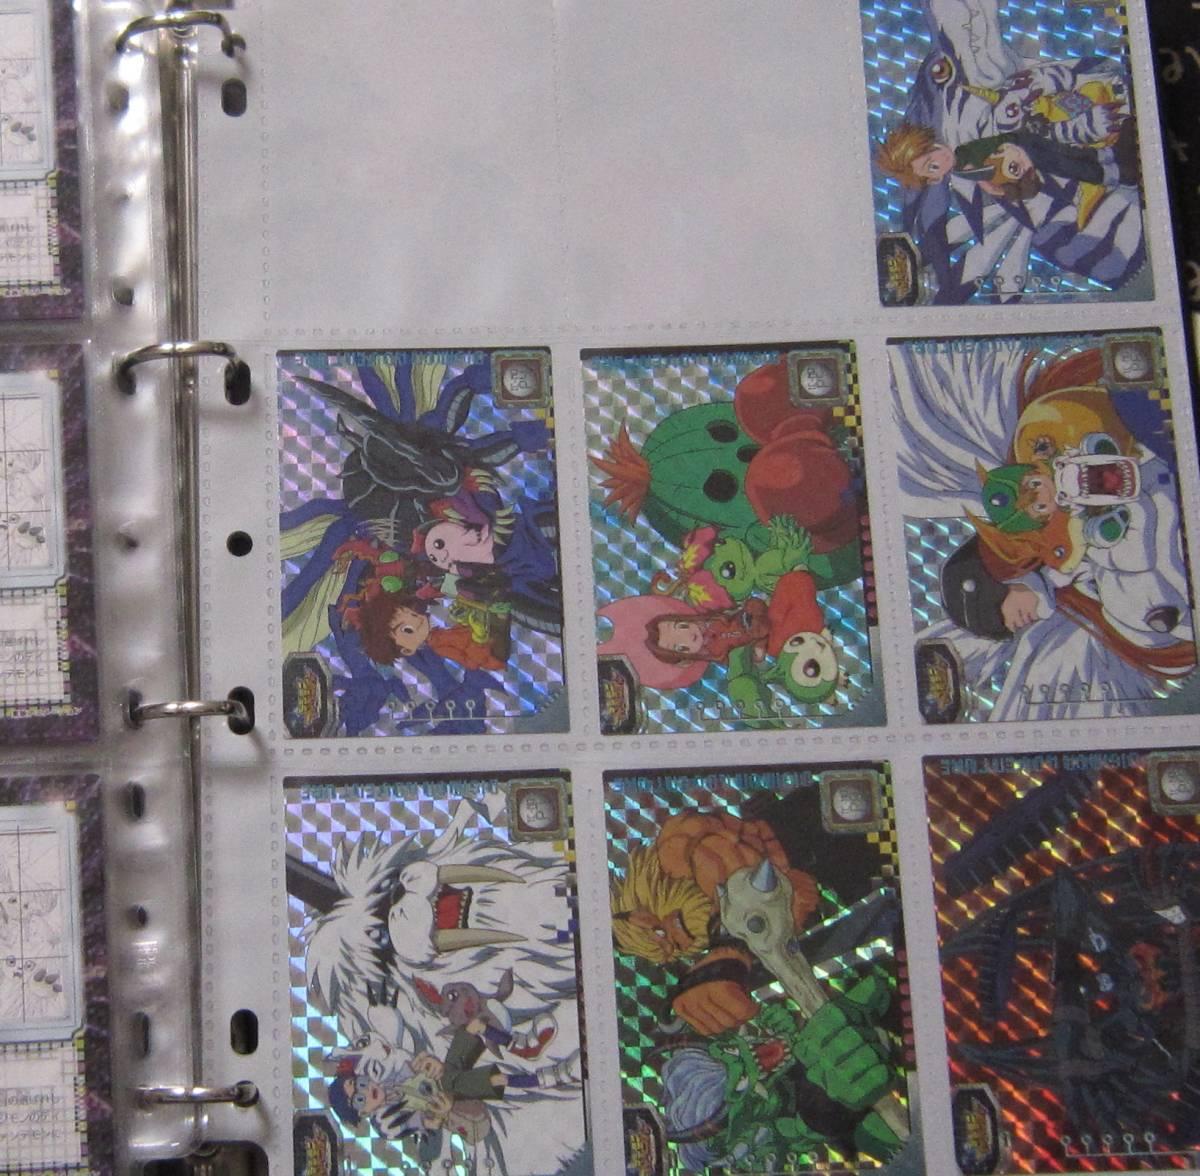 デジモンアドベンチャー 1999 2000 コンプ 多数_画像3